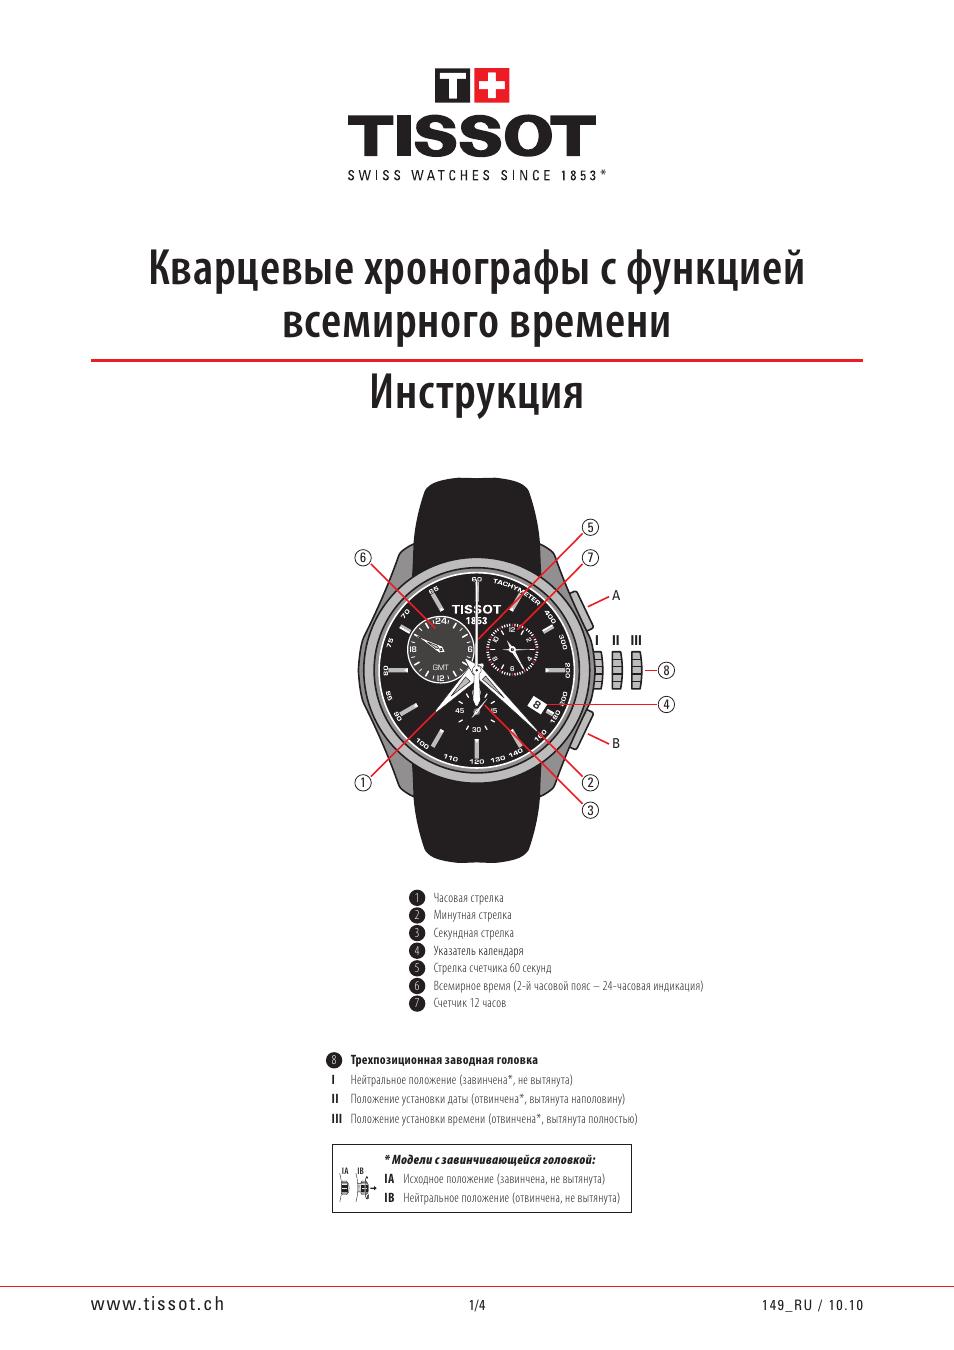 Благодарим вас за приобретение часов швейцарской марки tissot, одной из наиболее известных в мире.